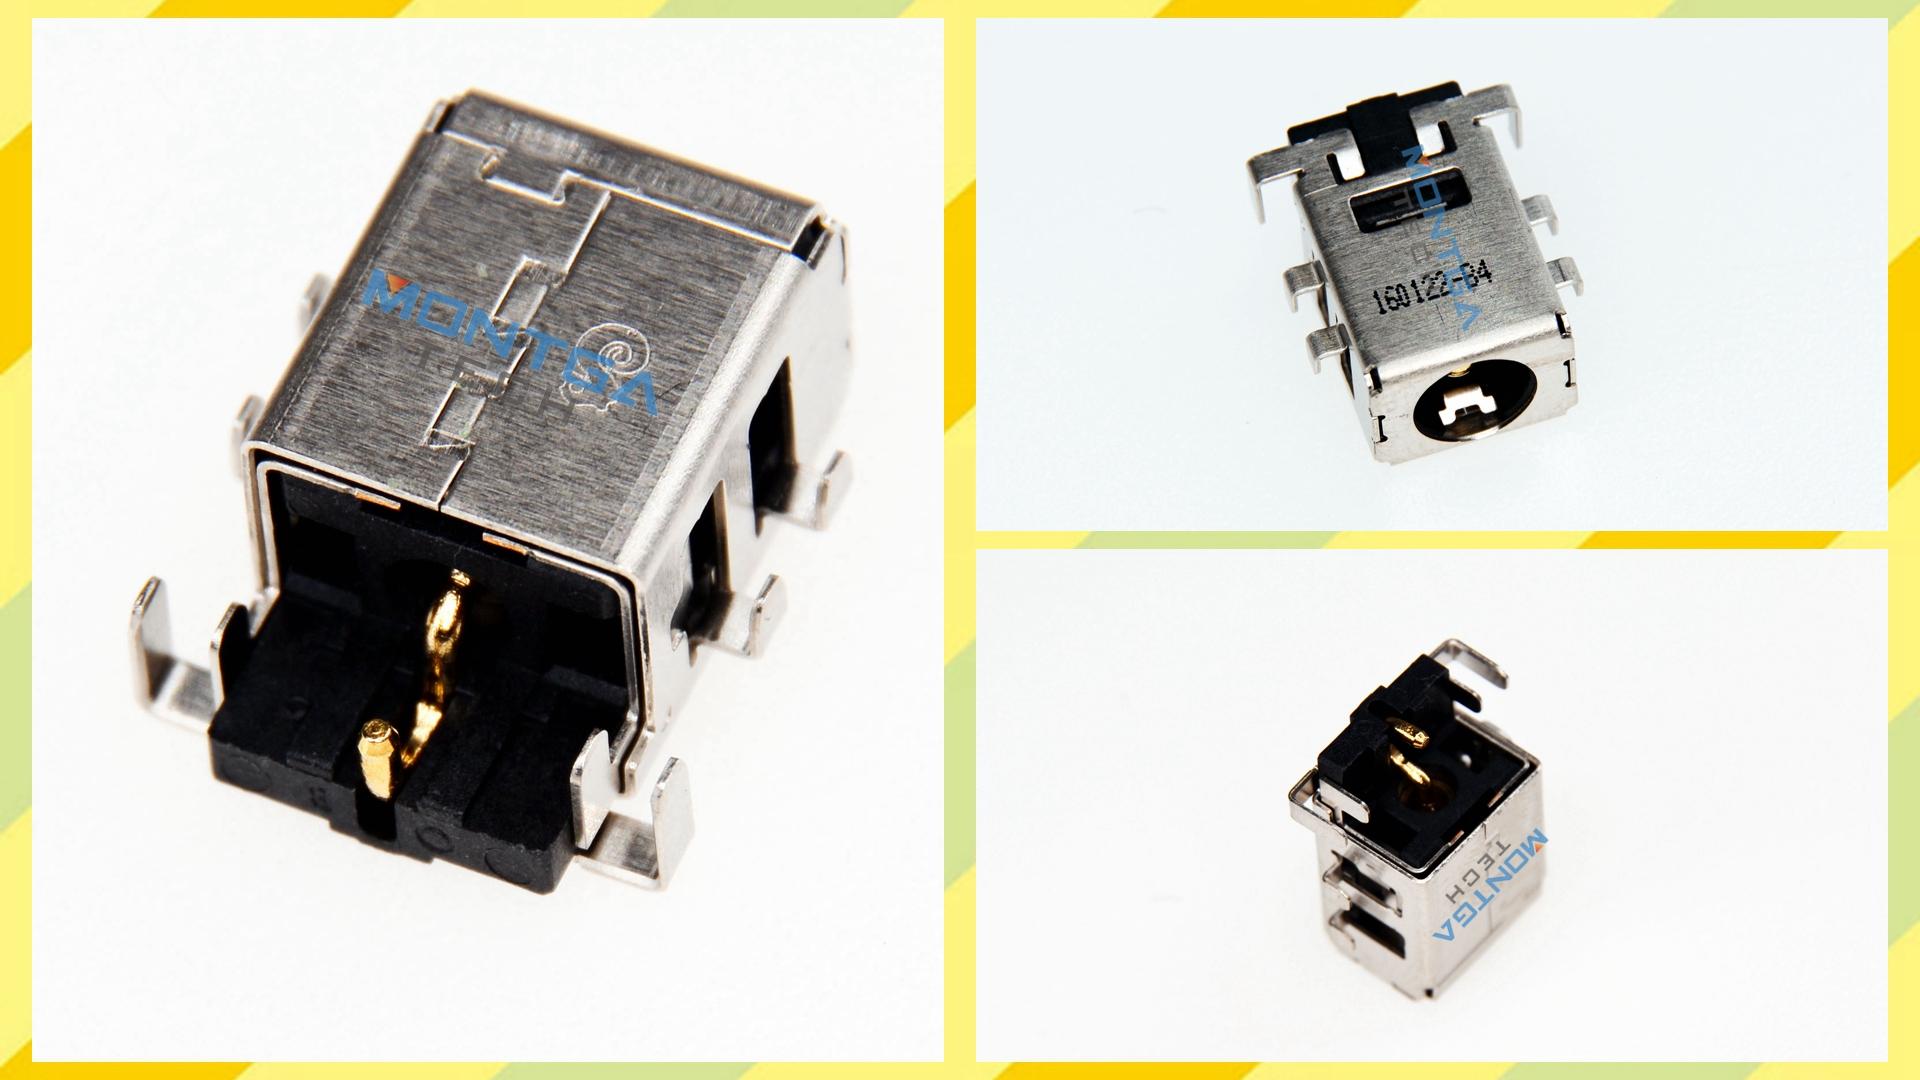 Asus G502VM DC Jack, Asus G502VM Jack alimentation, Asus G502VM Power Jack, Asus G502VM Prise Connecteur, Asus G502VM Connecteur alimentation, Asus G502VM connecteur de charge,